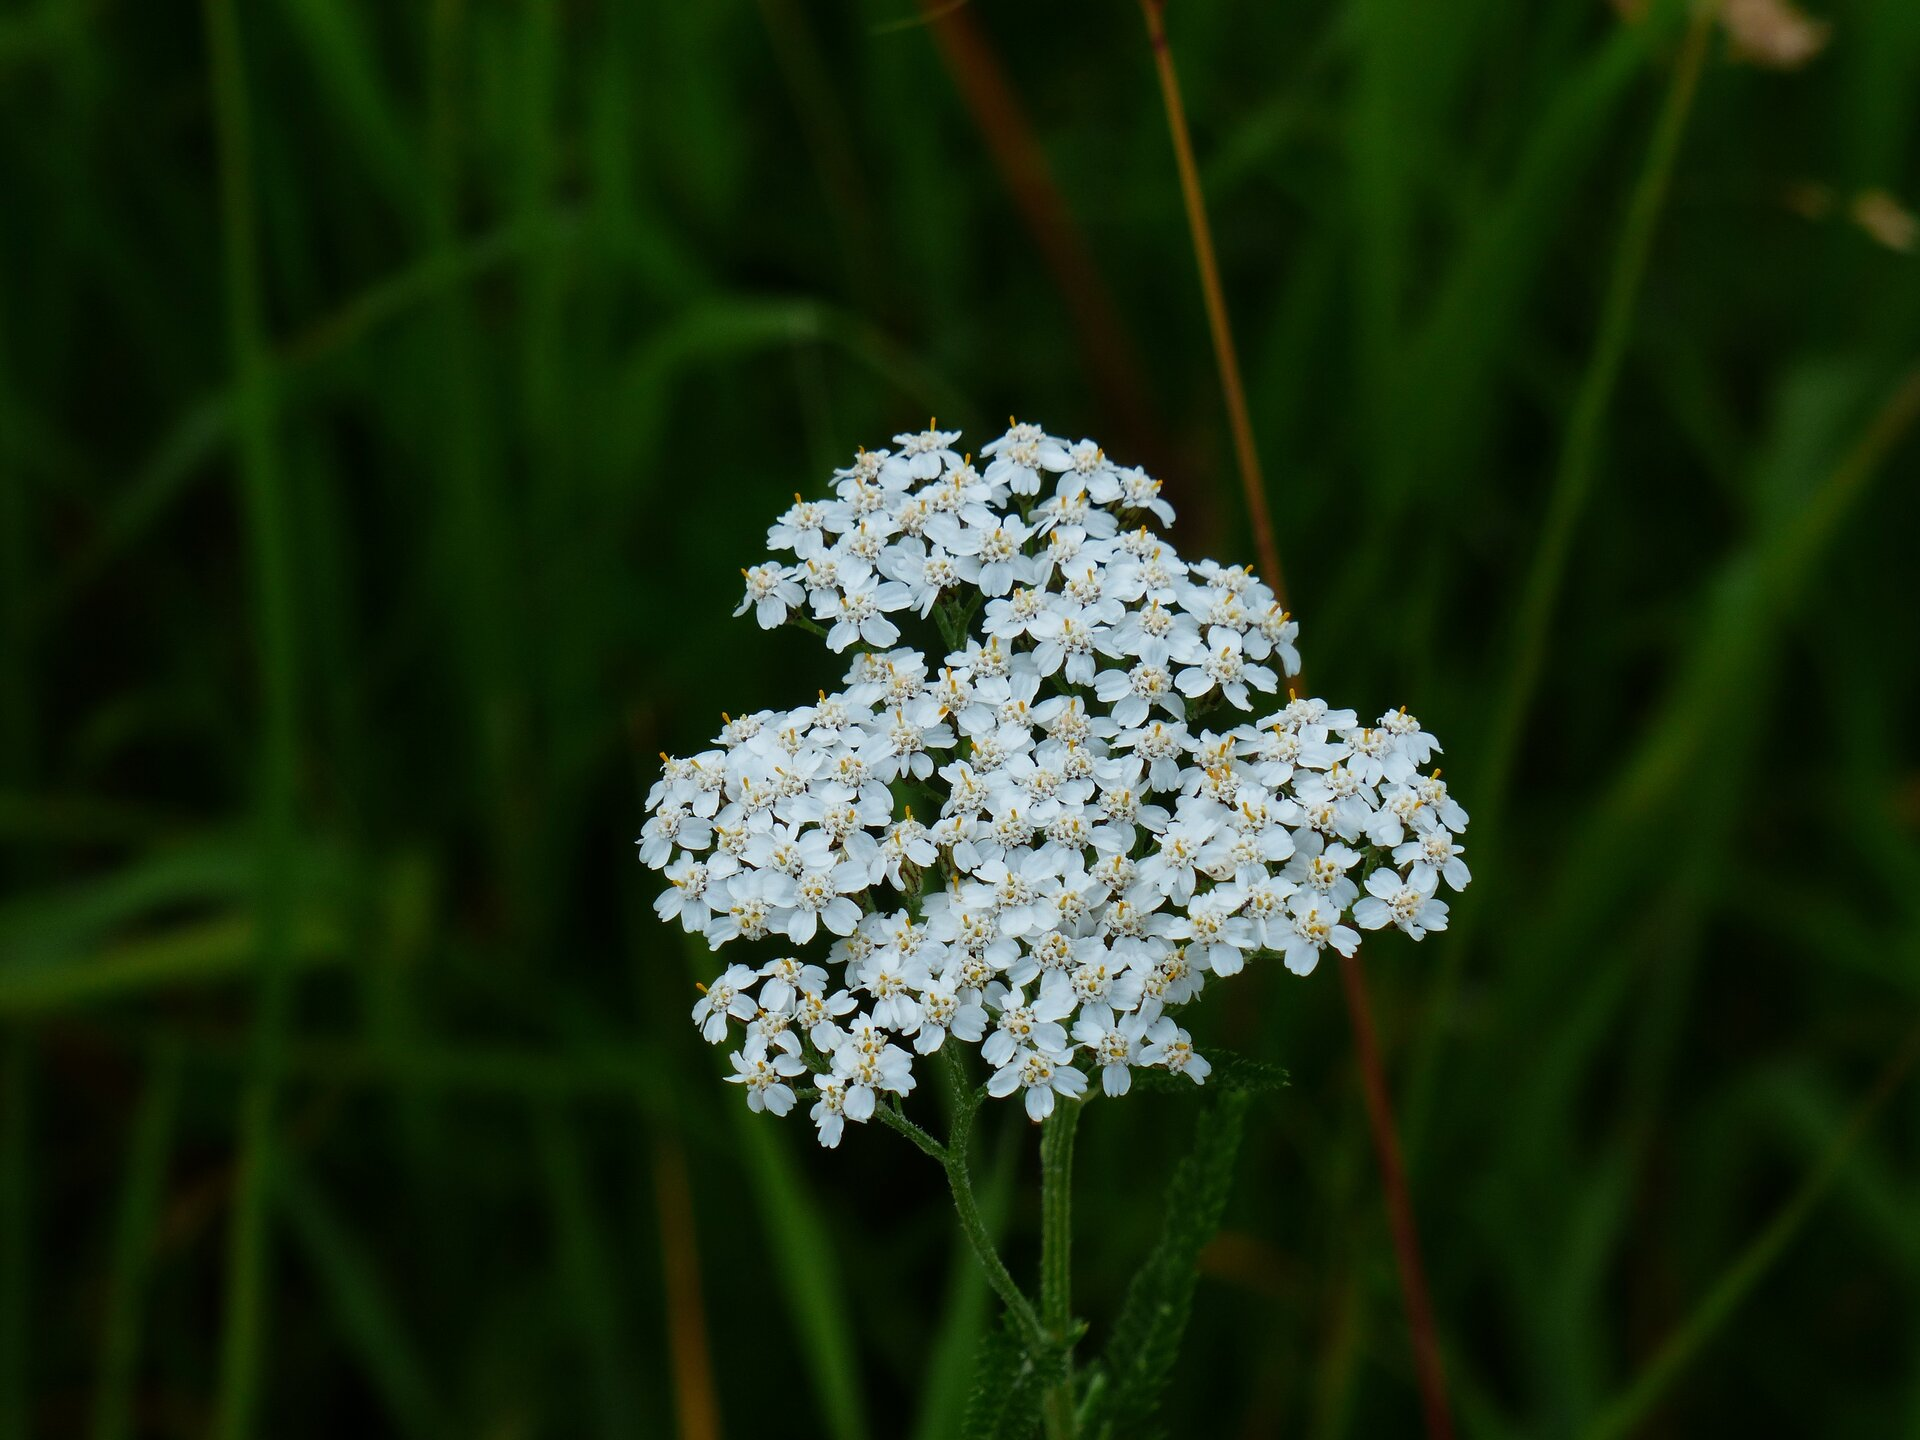 Galeria zdjęć prezentująca popularne zioła lecznicze. Pierwsze zdjęcie ukazuje biały kwiatostan krwawnika.